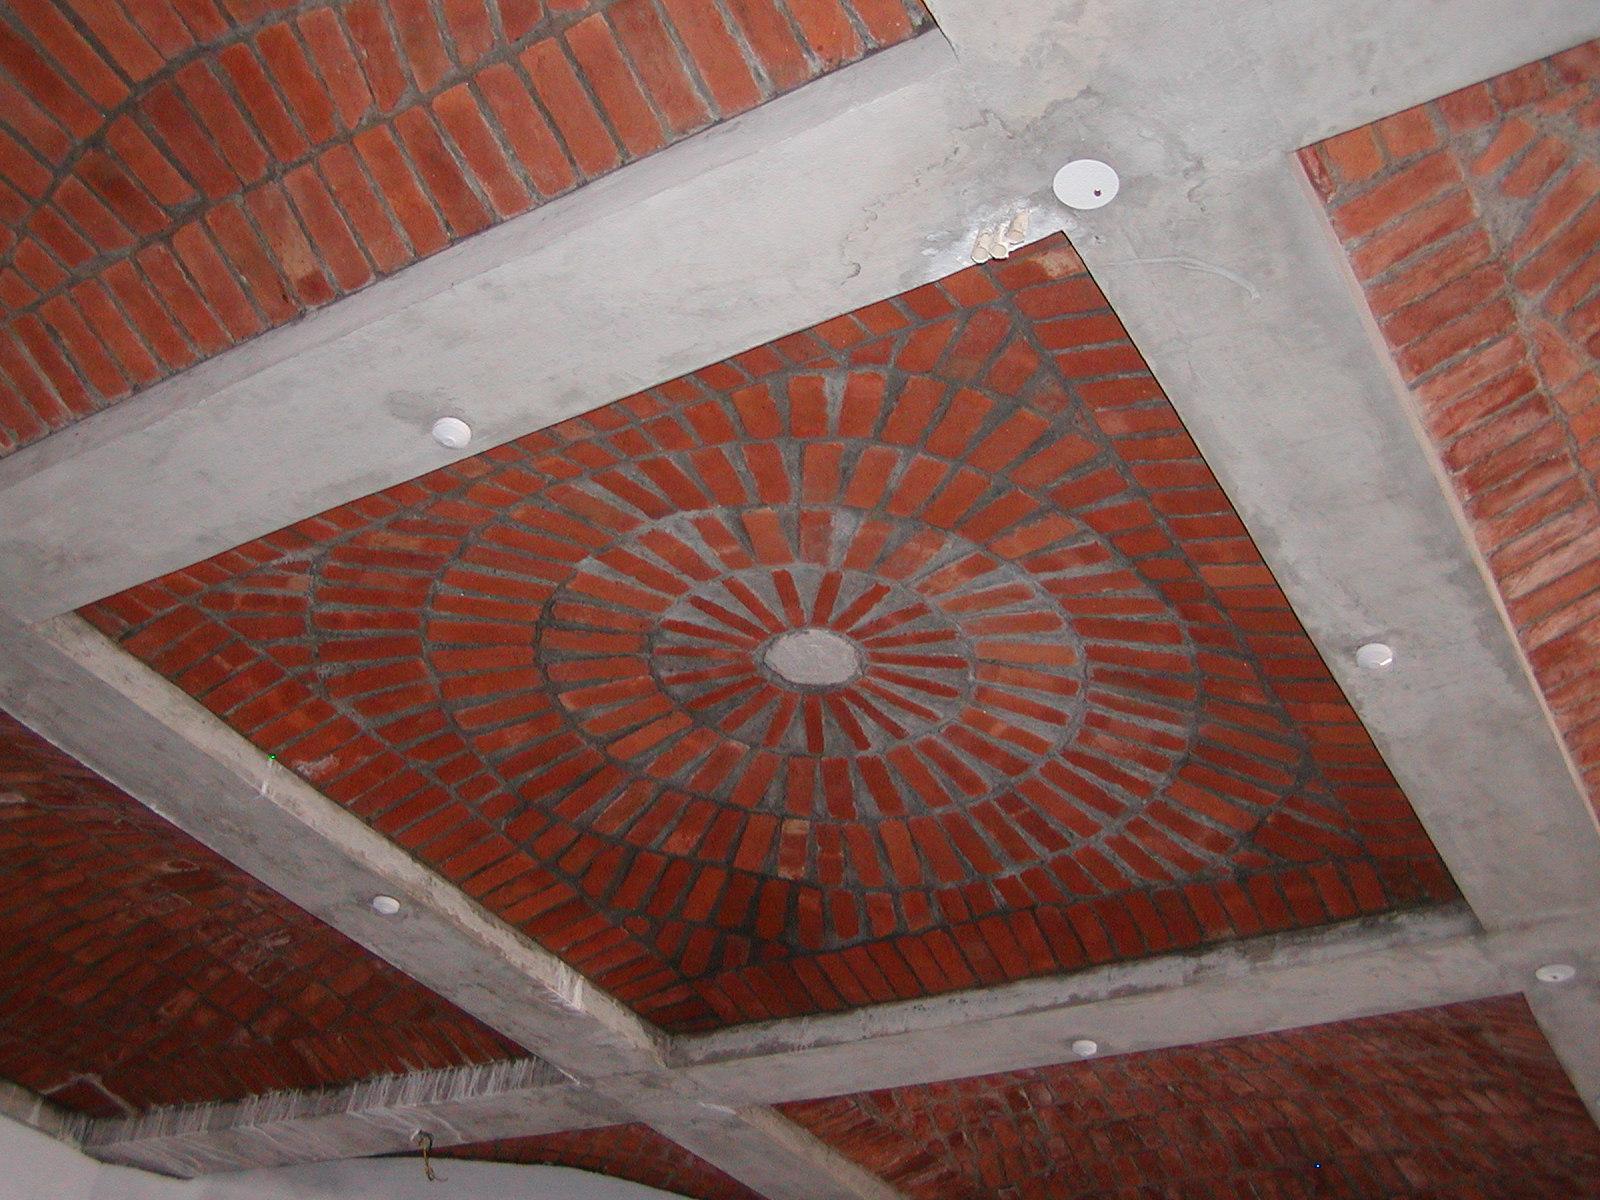 Funicular Shell Roof Gharexpert